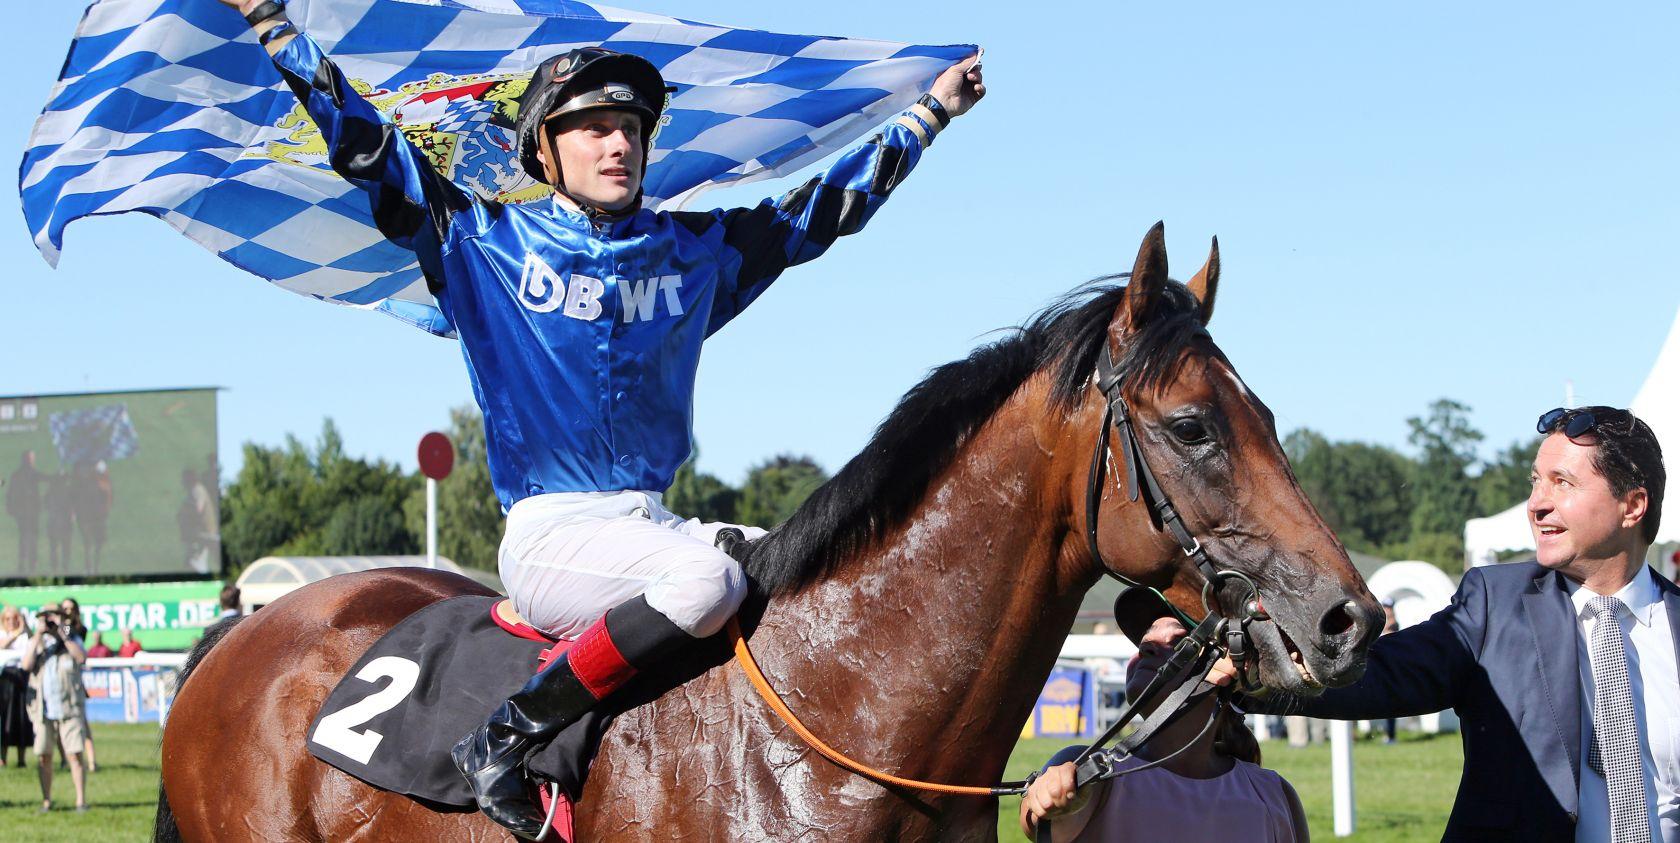 So feiern bayrische Sieger: Martin Seidl im Sattel von Dschingis Secret - Sieger im Pferdewetten.de - Großer Hansa-Preis (Cobyright: Frank Sorge/galoppfoto.de)